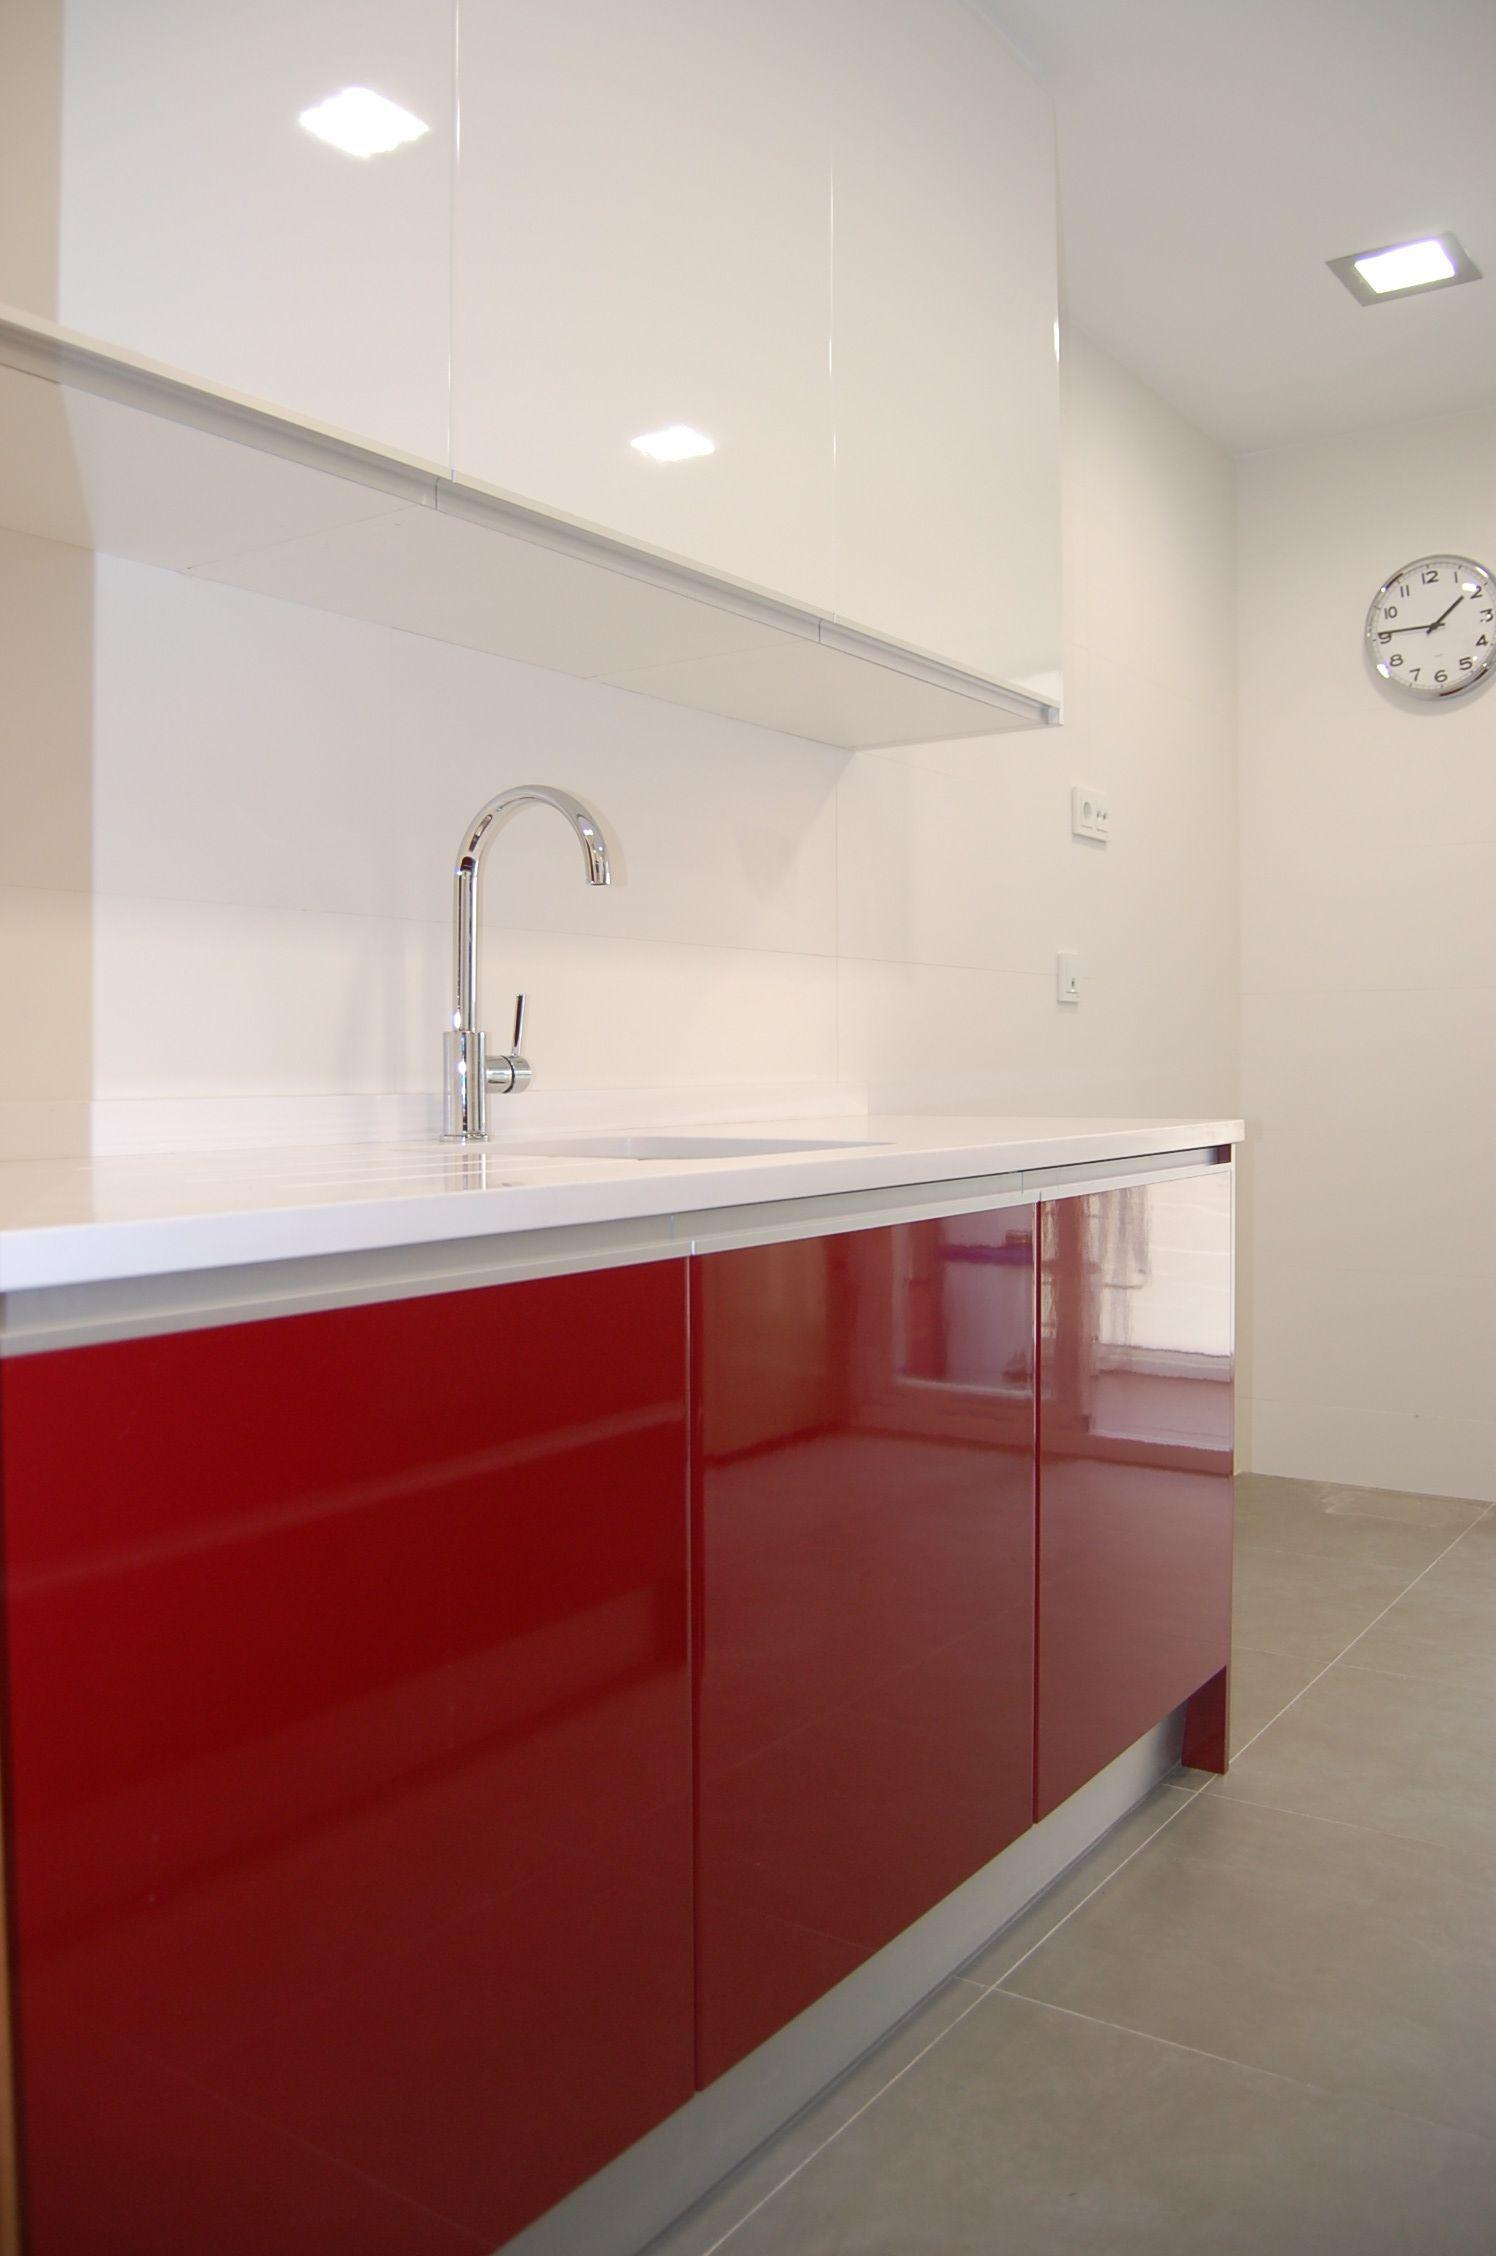 Cocina con mueble rojo y encimera de silestone en blanco - Cocinas de silestone ...